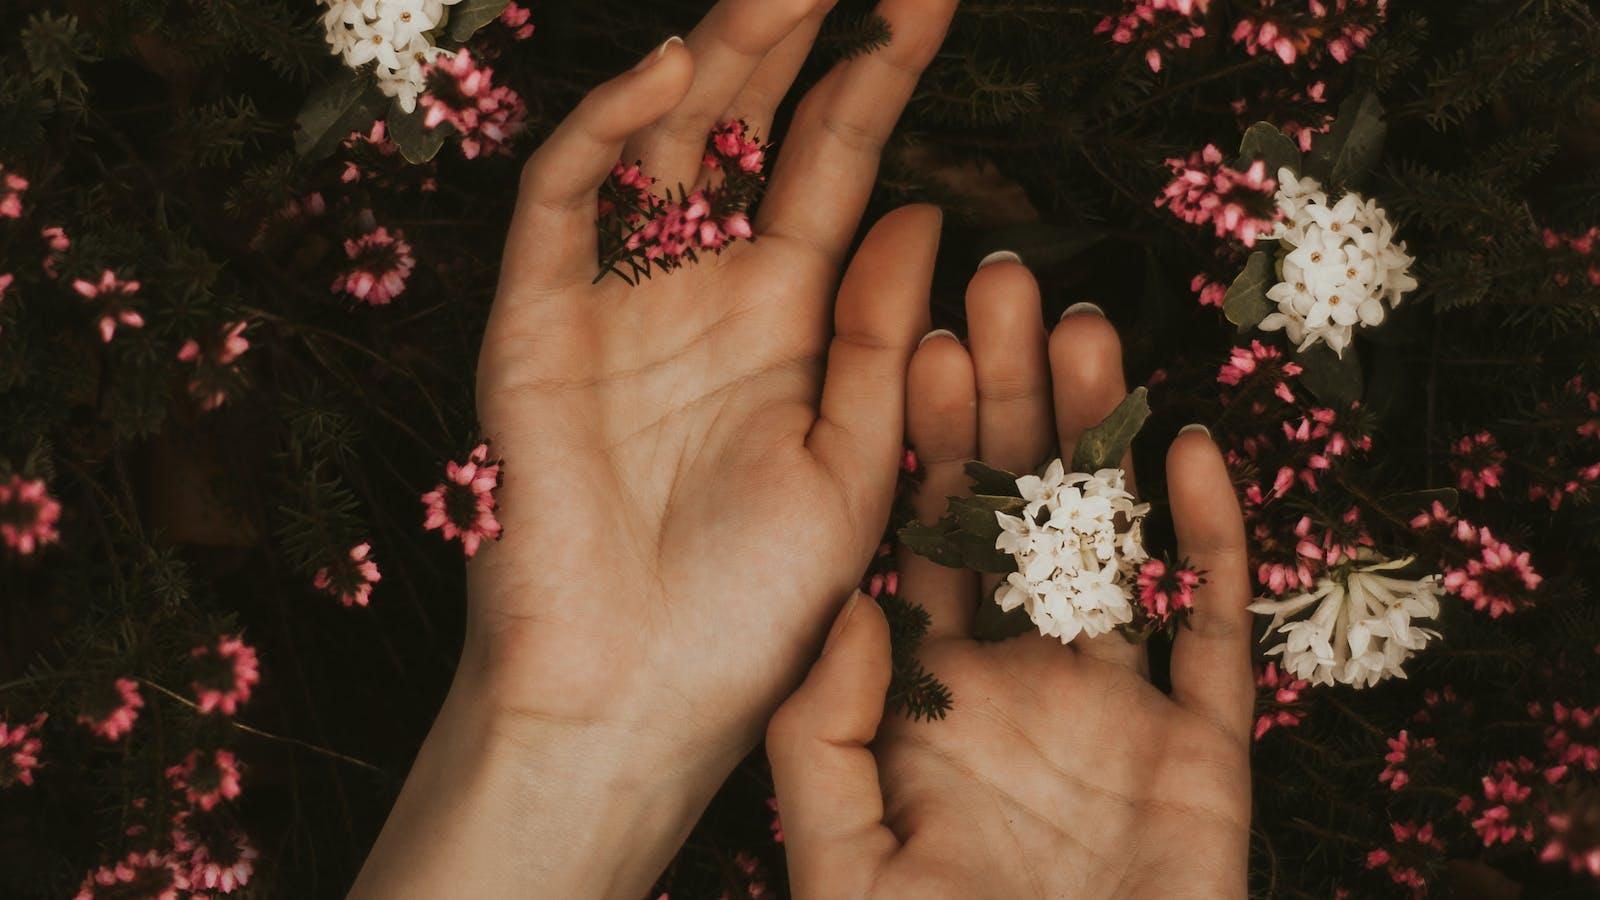 mains dans les fleurs